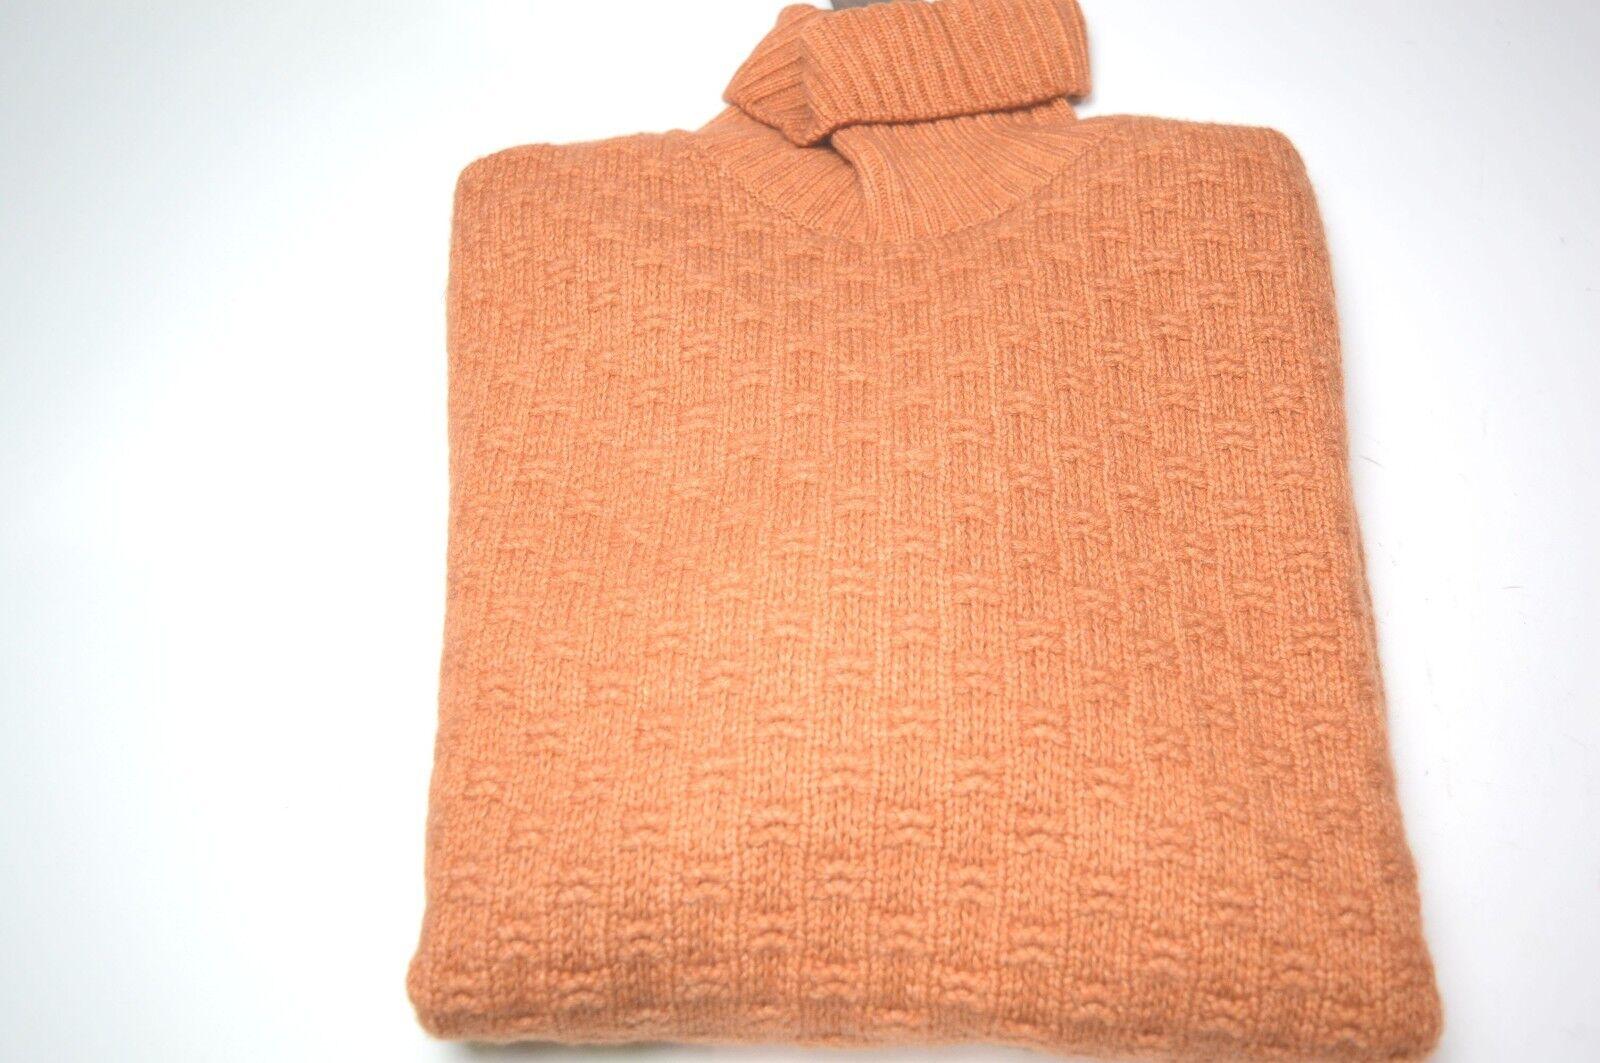 NEW  1650,00 STEFANO RICCI Sweater  Cashmere  Größe M Us 50 Eu (COD 579)